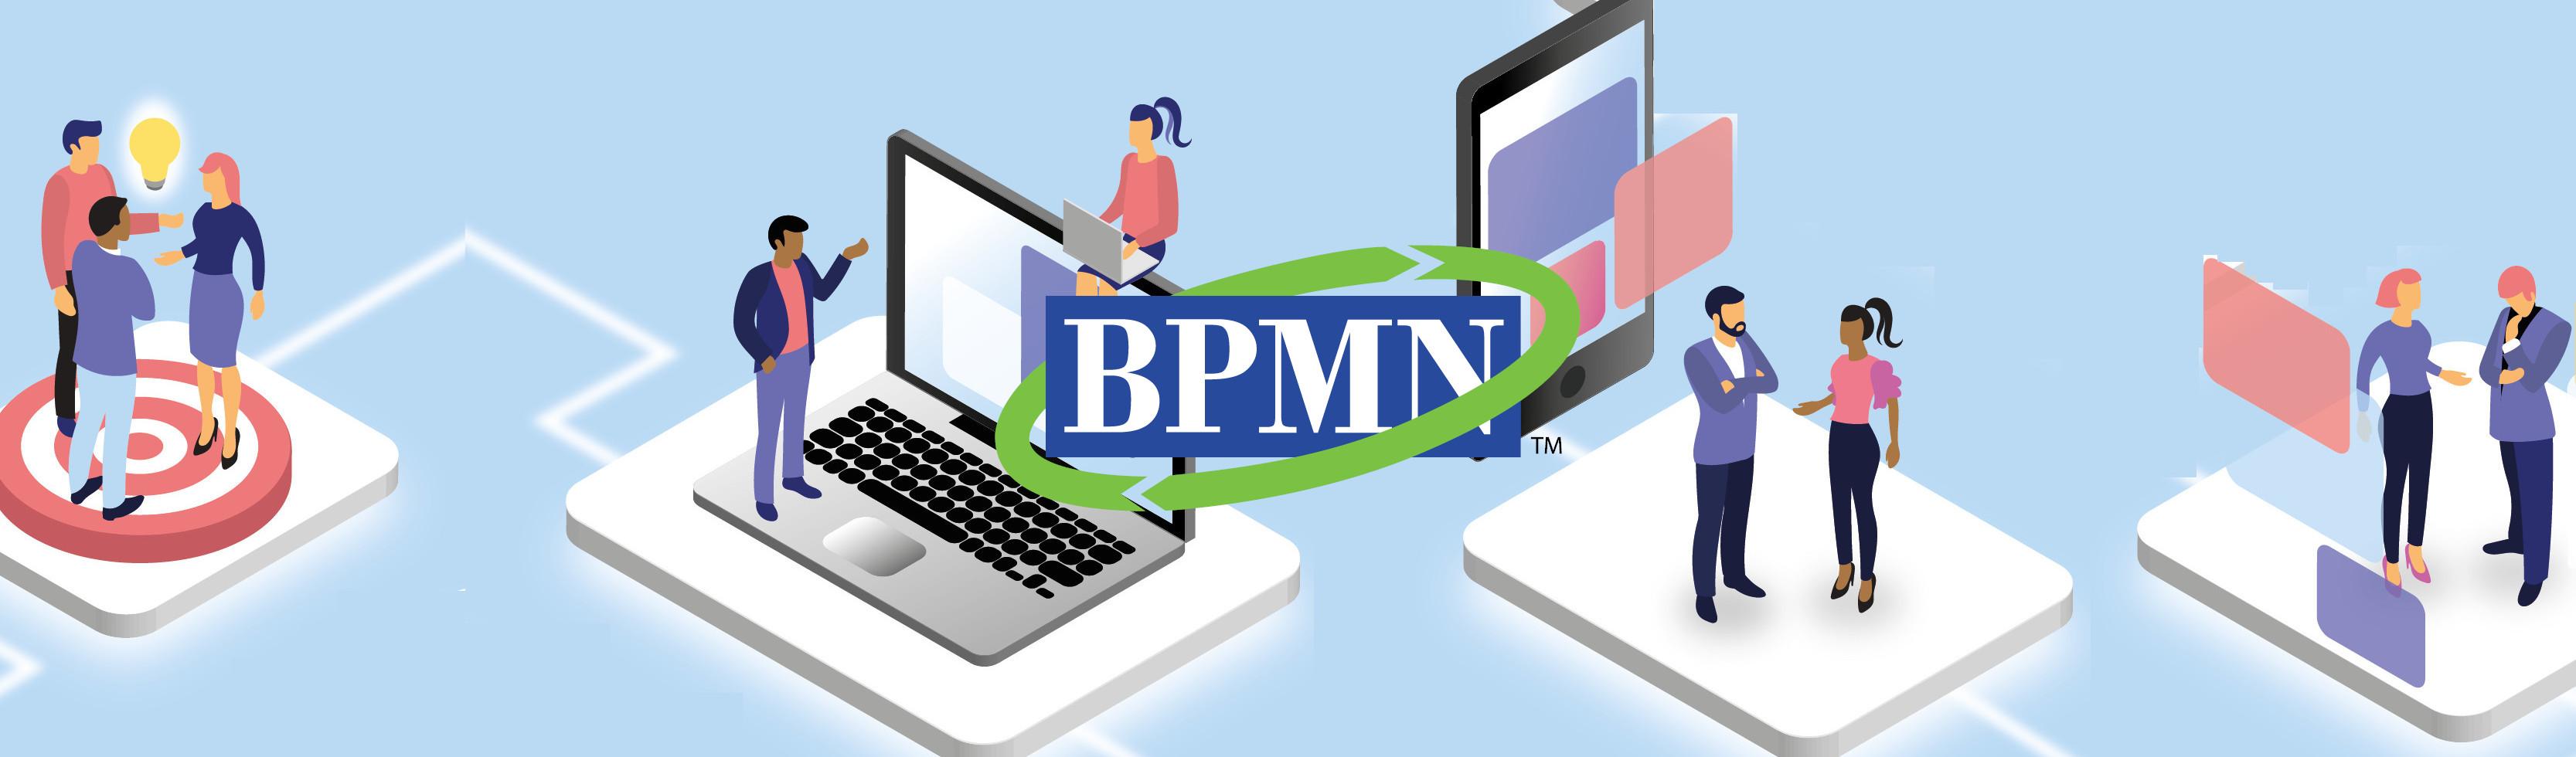 BPMN 2.0 - Analytical Modeling